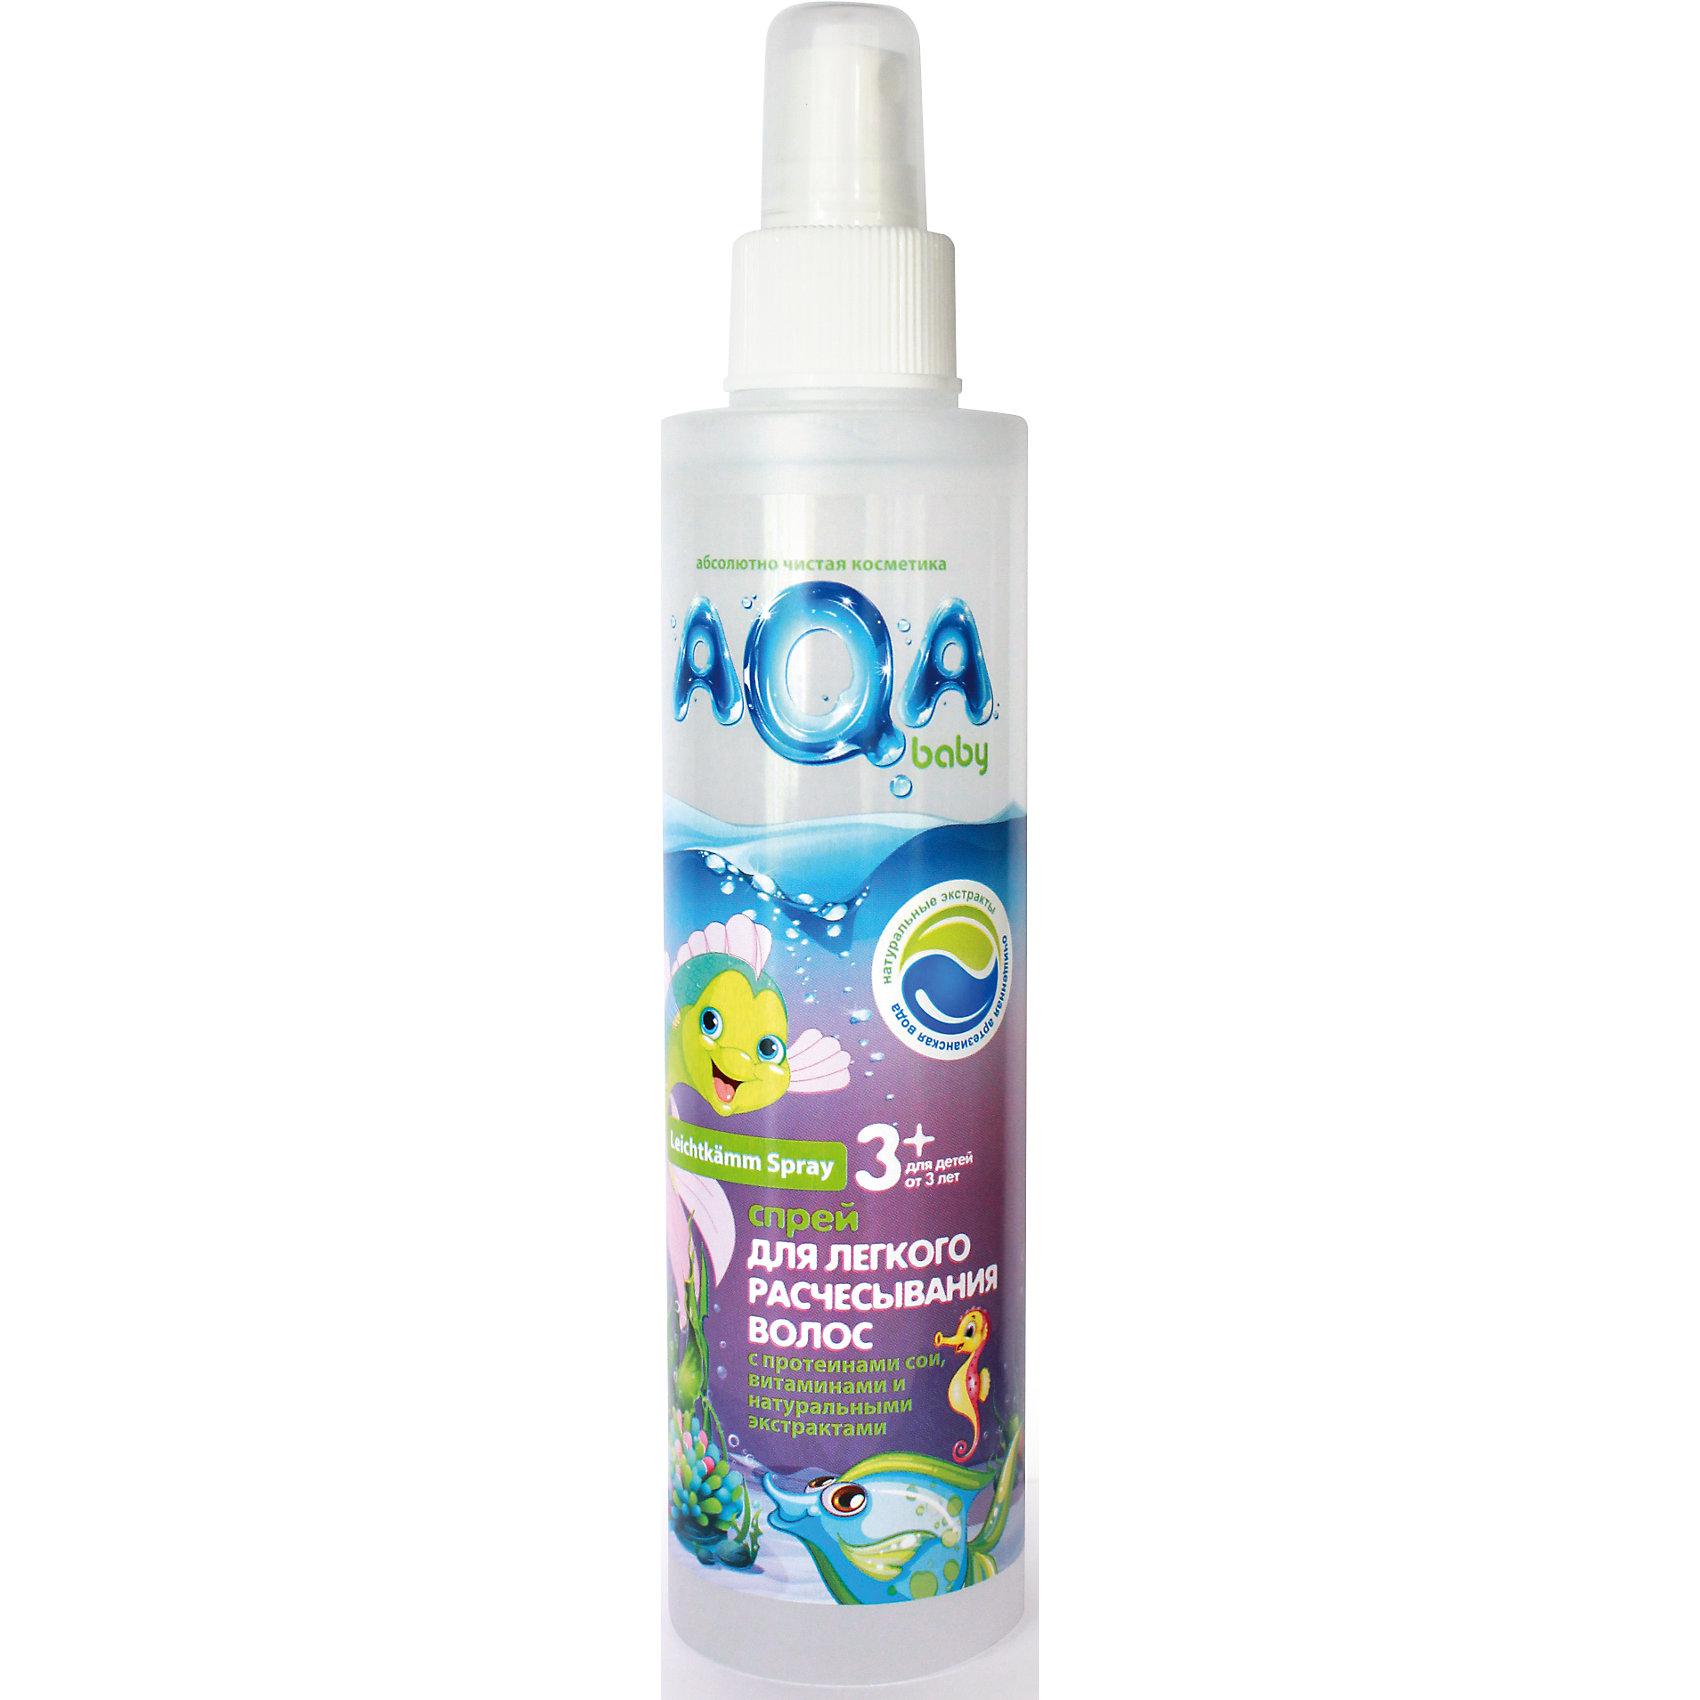 Спрей для легкого расчесывания волос KIDS 200 мл., AQA BABYБальзам для волос<br>Спрей  AQA Baby (Аква Бэби) избавит вас от проблем при расчесывании волос. Он содержит экстракты фиалки, розы, эхинацеи и ромашки, нежно ухаживающие за кожей и волосами ребенка. Протеины сои в сочетании с витаминным комплексом укрепят волосы и обогатят их аминокислотами и белками, способствующими правильному развитию и росту. При нанесении спрея, волосы становятся мягче и легко поддаются расчесыванию. <br><br>Дополнительная информация:<br>Объем: 200 мл<br>Возраст: с 3 лет<br>Состав: aqua, cetrimonium chloride, polyquaternium-11, polyquaternium-7, sodium PCA, D-panthenol, chamomilla recutita flower extract, rosa canina fruit extract, viola odorata leaf extract, echinacea purperea root extract, propylene glycol, PPG-3 caprylyl ether, PEG-5 cocomonium methosulfate, sodium glutamate, laurdimonium hydroxypropyl hydrolyzed soy protein, hydrolyzed soy protein, sodium cocoyl glutamate, hydroxypropyl guar hydroxypropyltrimonium chloride, glycine, Peg-40 hydrogenated castor oil, benzyl alcohol, methylchloroisothiazolinone, methylisothiazolinone, parfum, disodium EDTA.<br><br>Спрей для легкого расчесывания AQA Baby (Аква Бэби) можно купить в нашем интернет-магазине.<br><br>Ширина мм: 230<br>Глубина мм: 170<br>Высота мм: 170<br>Вес г: 200<br>Возраст от месяцев: 36<br>Возраст до месяцев: 84<br>Пол: Унисекс<br>Возраст: Детский<br>SKU: 5007692